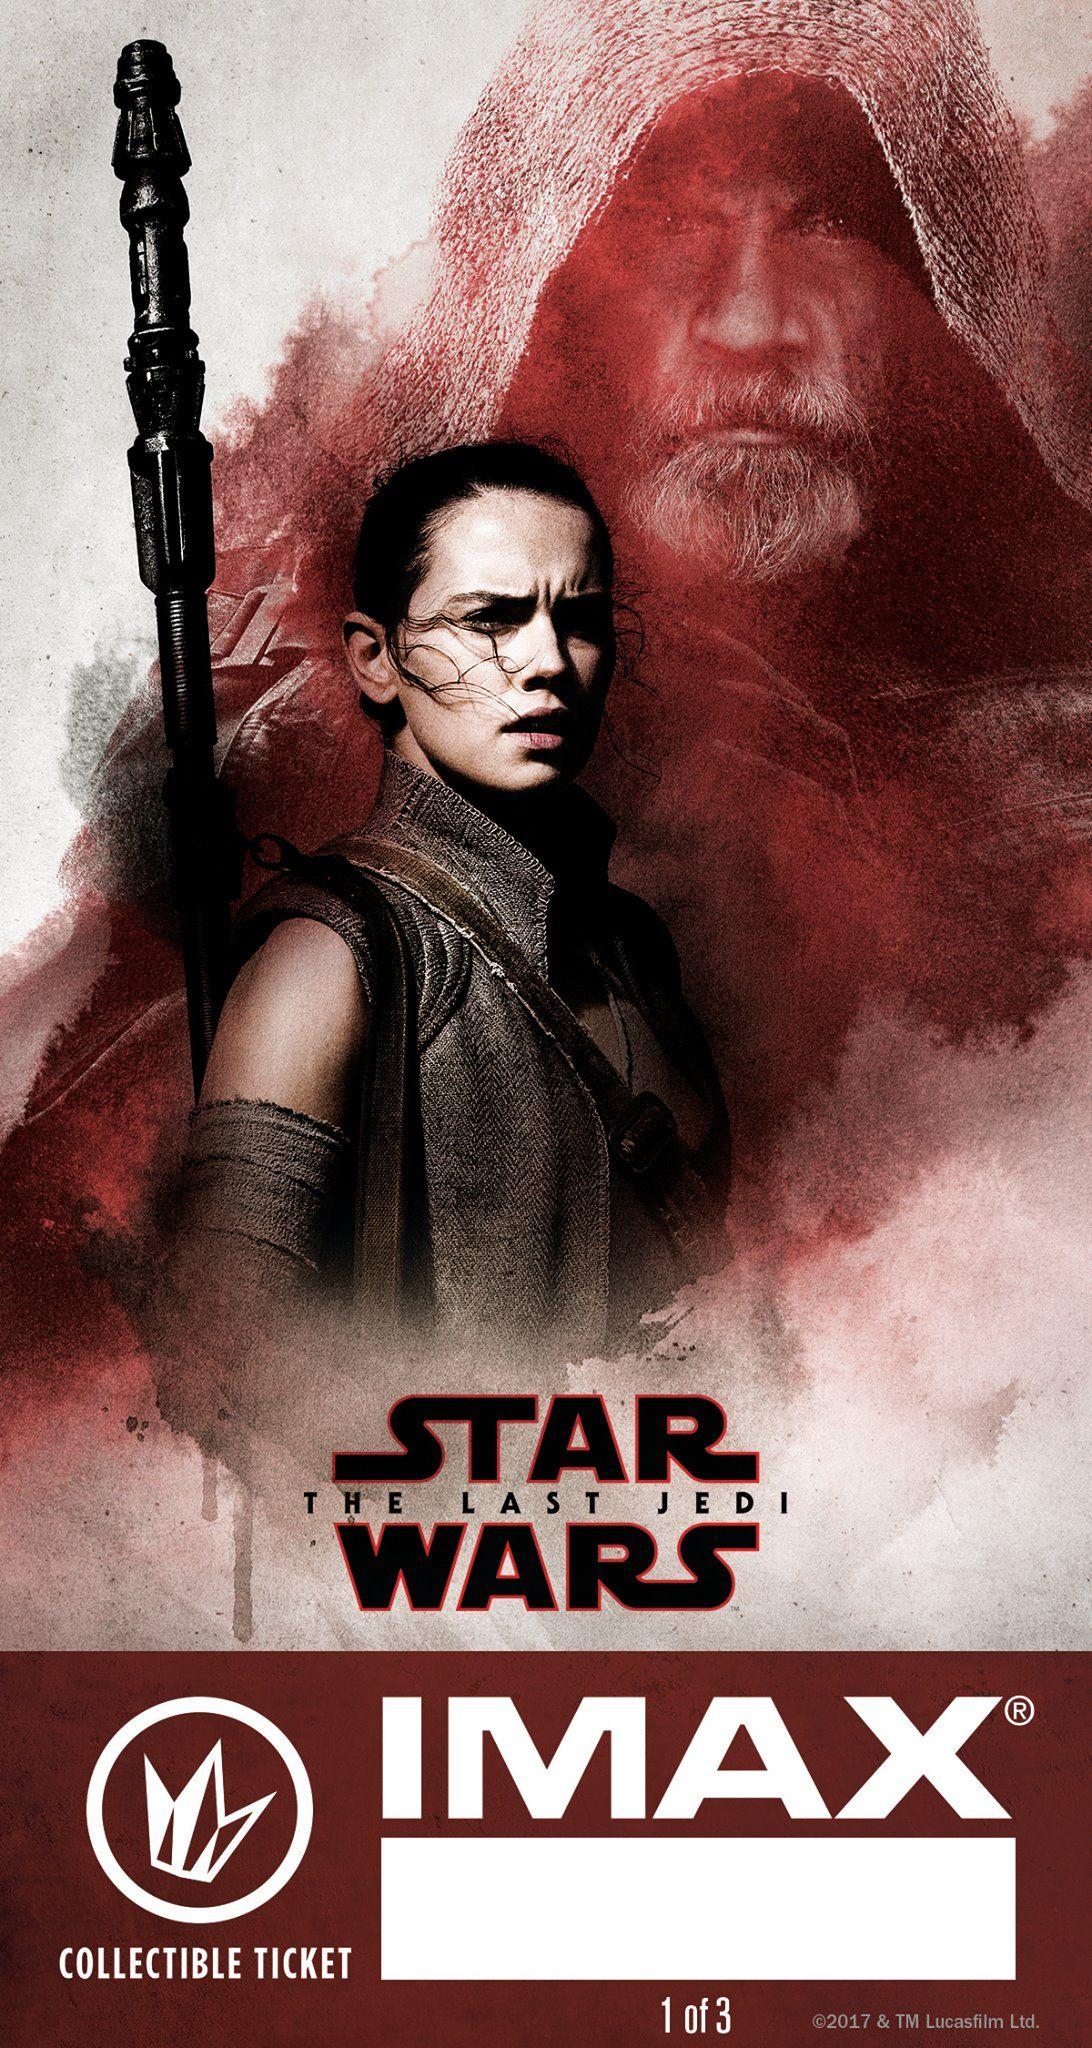 Star Wars: The Last Jedi Regal IMAX Ticket #1 | Star Wars ...